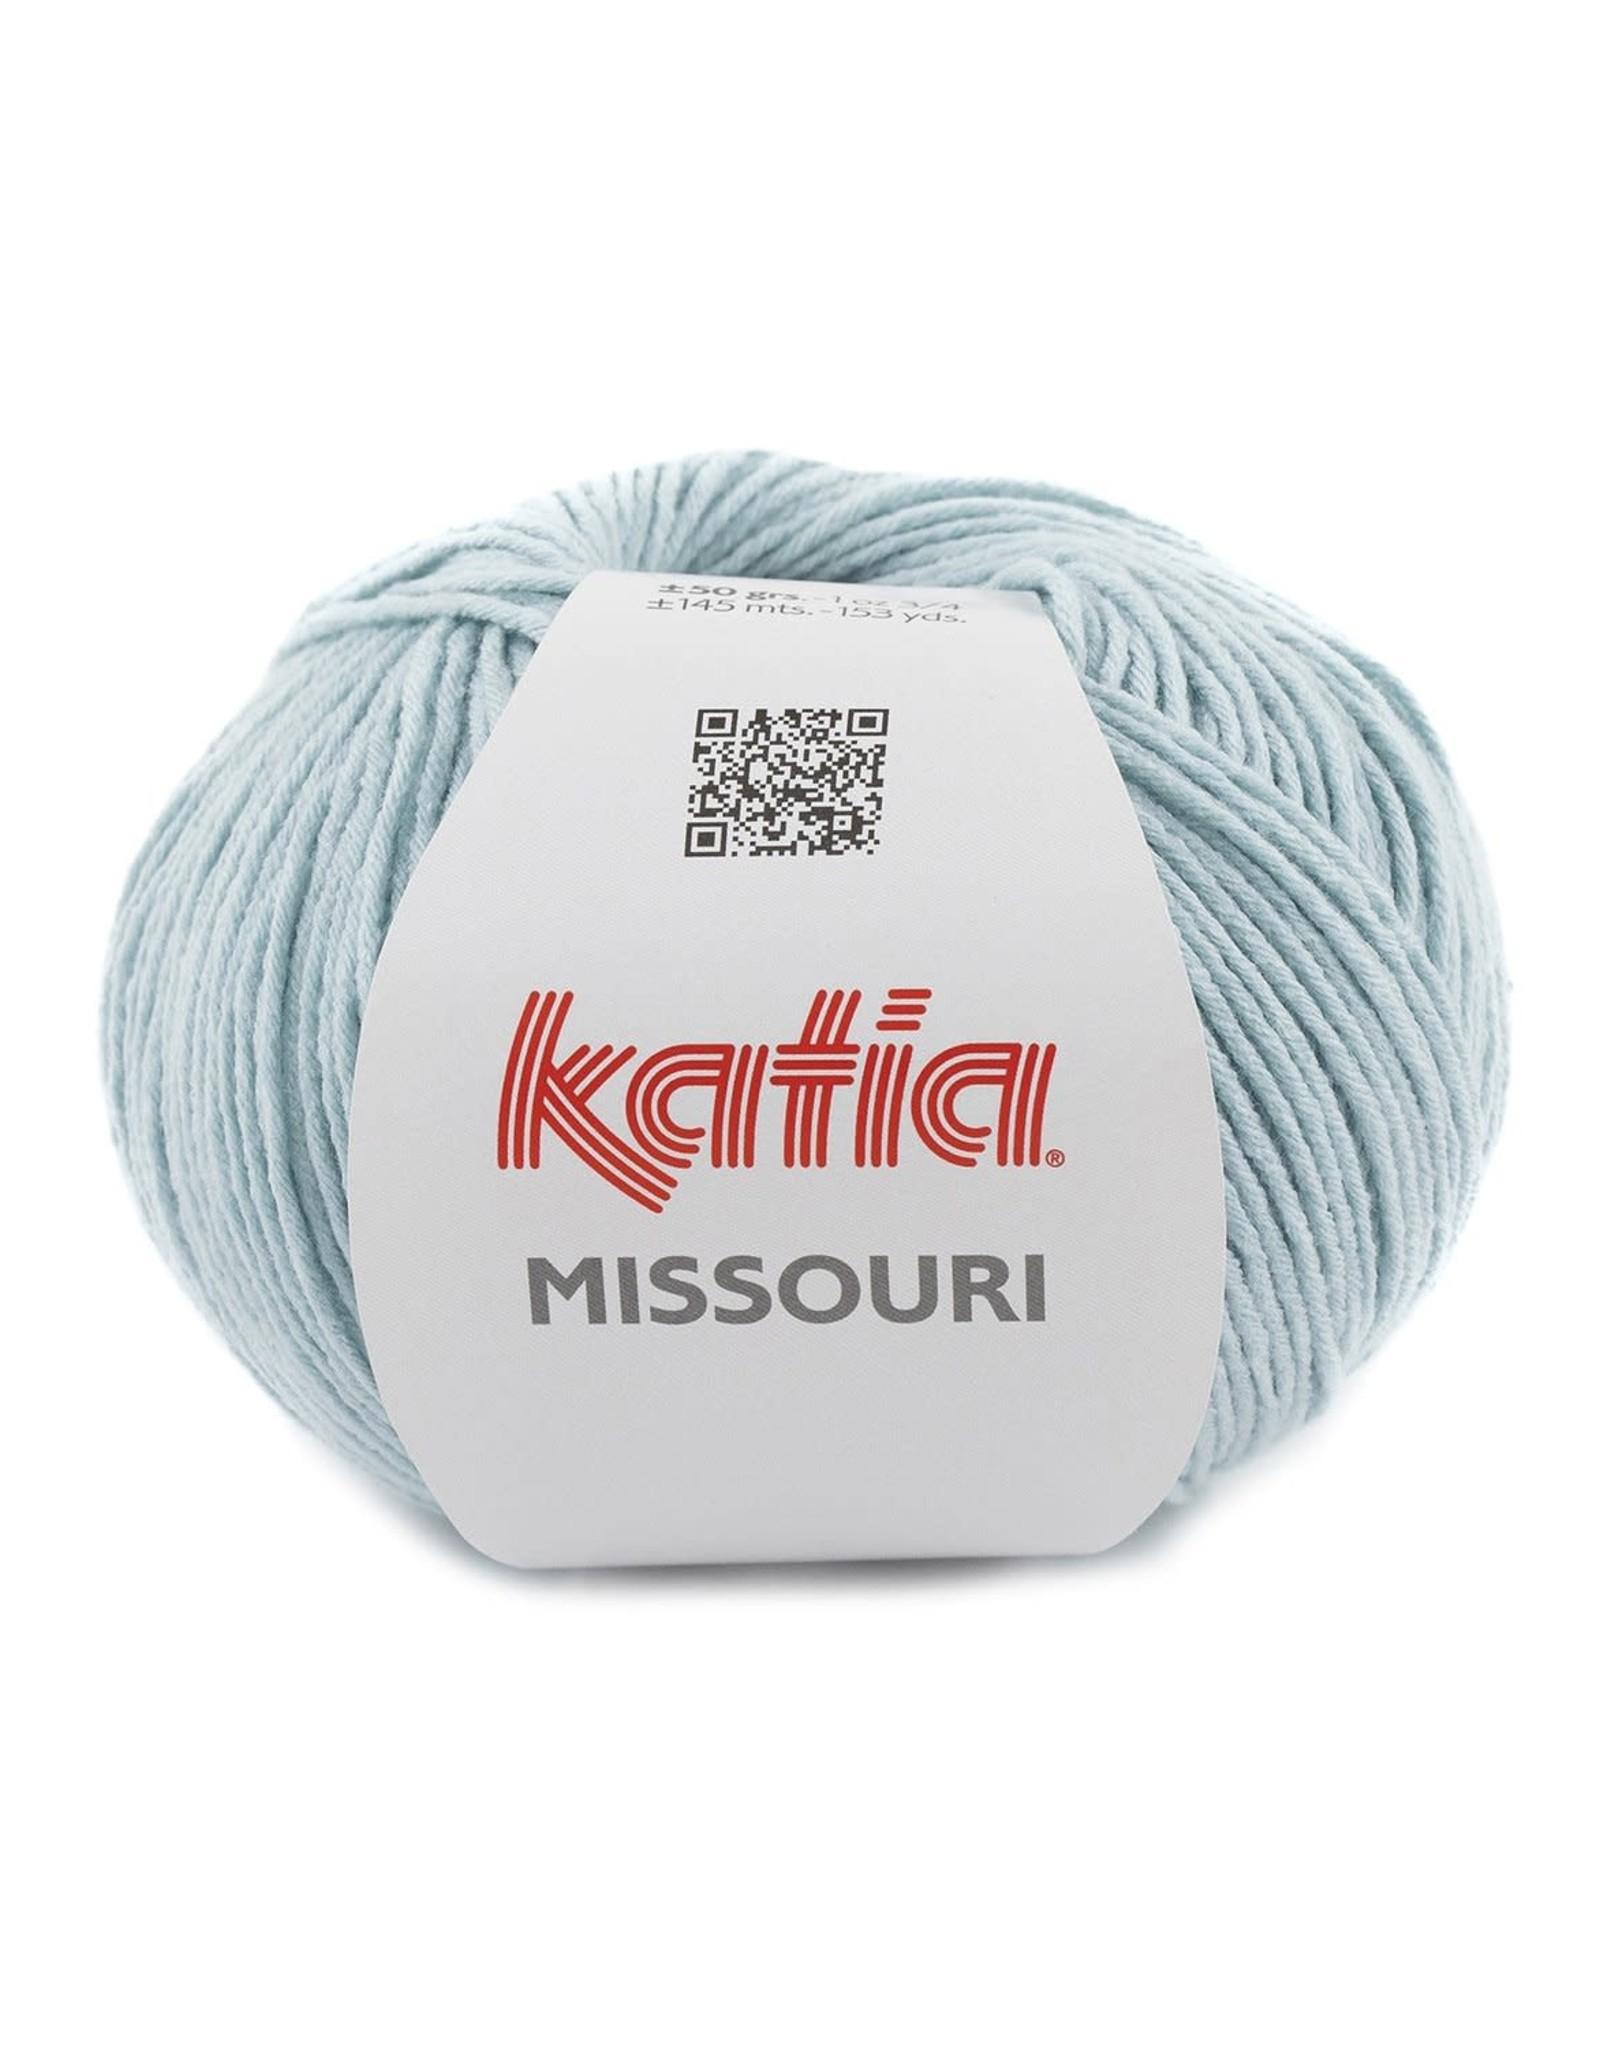 Katia Katia Missouri 55 - Verblauw